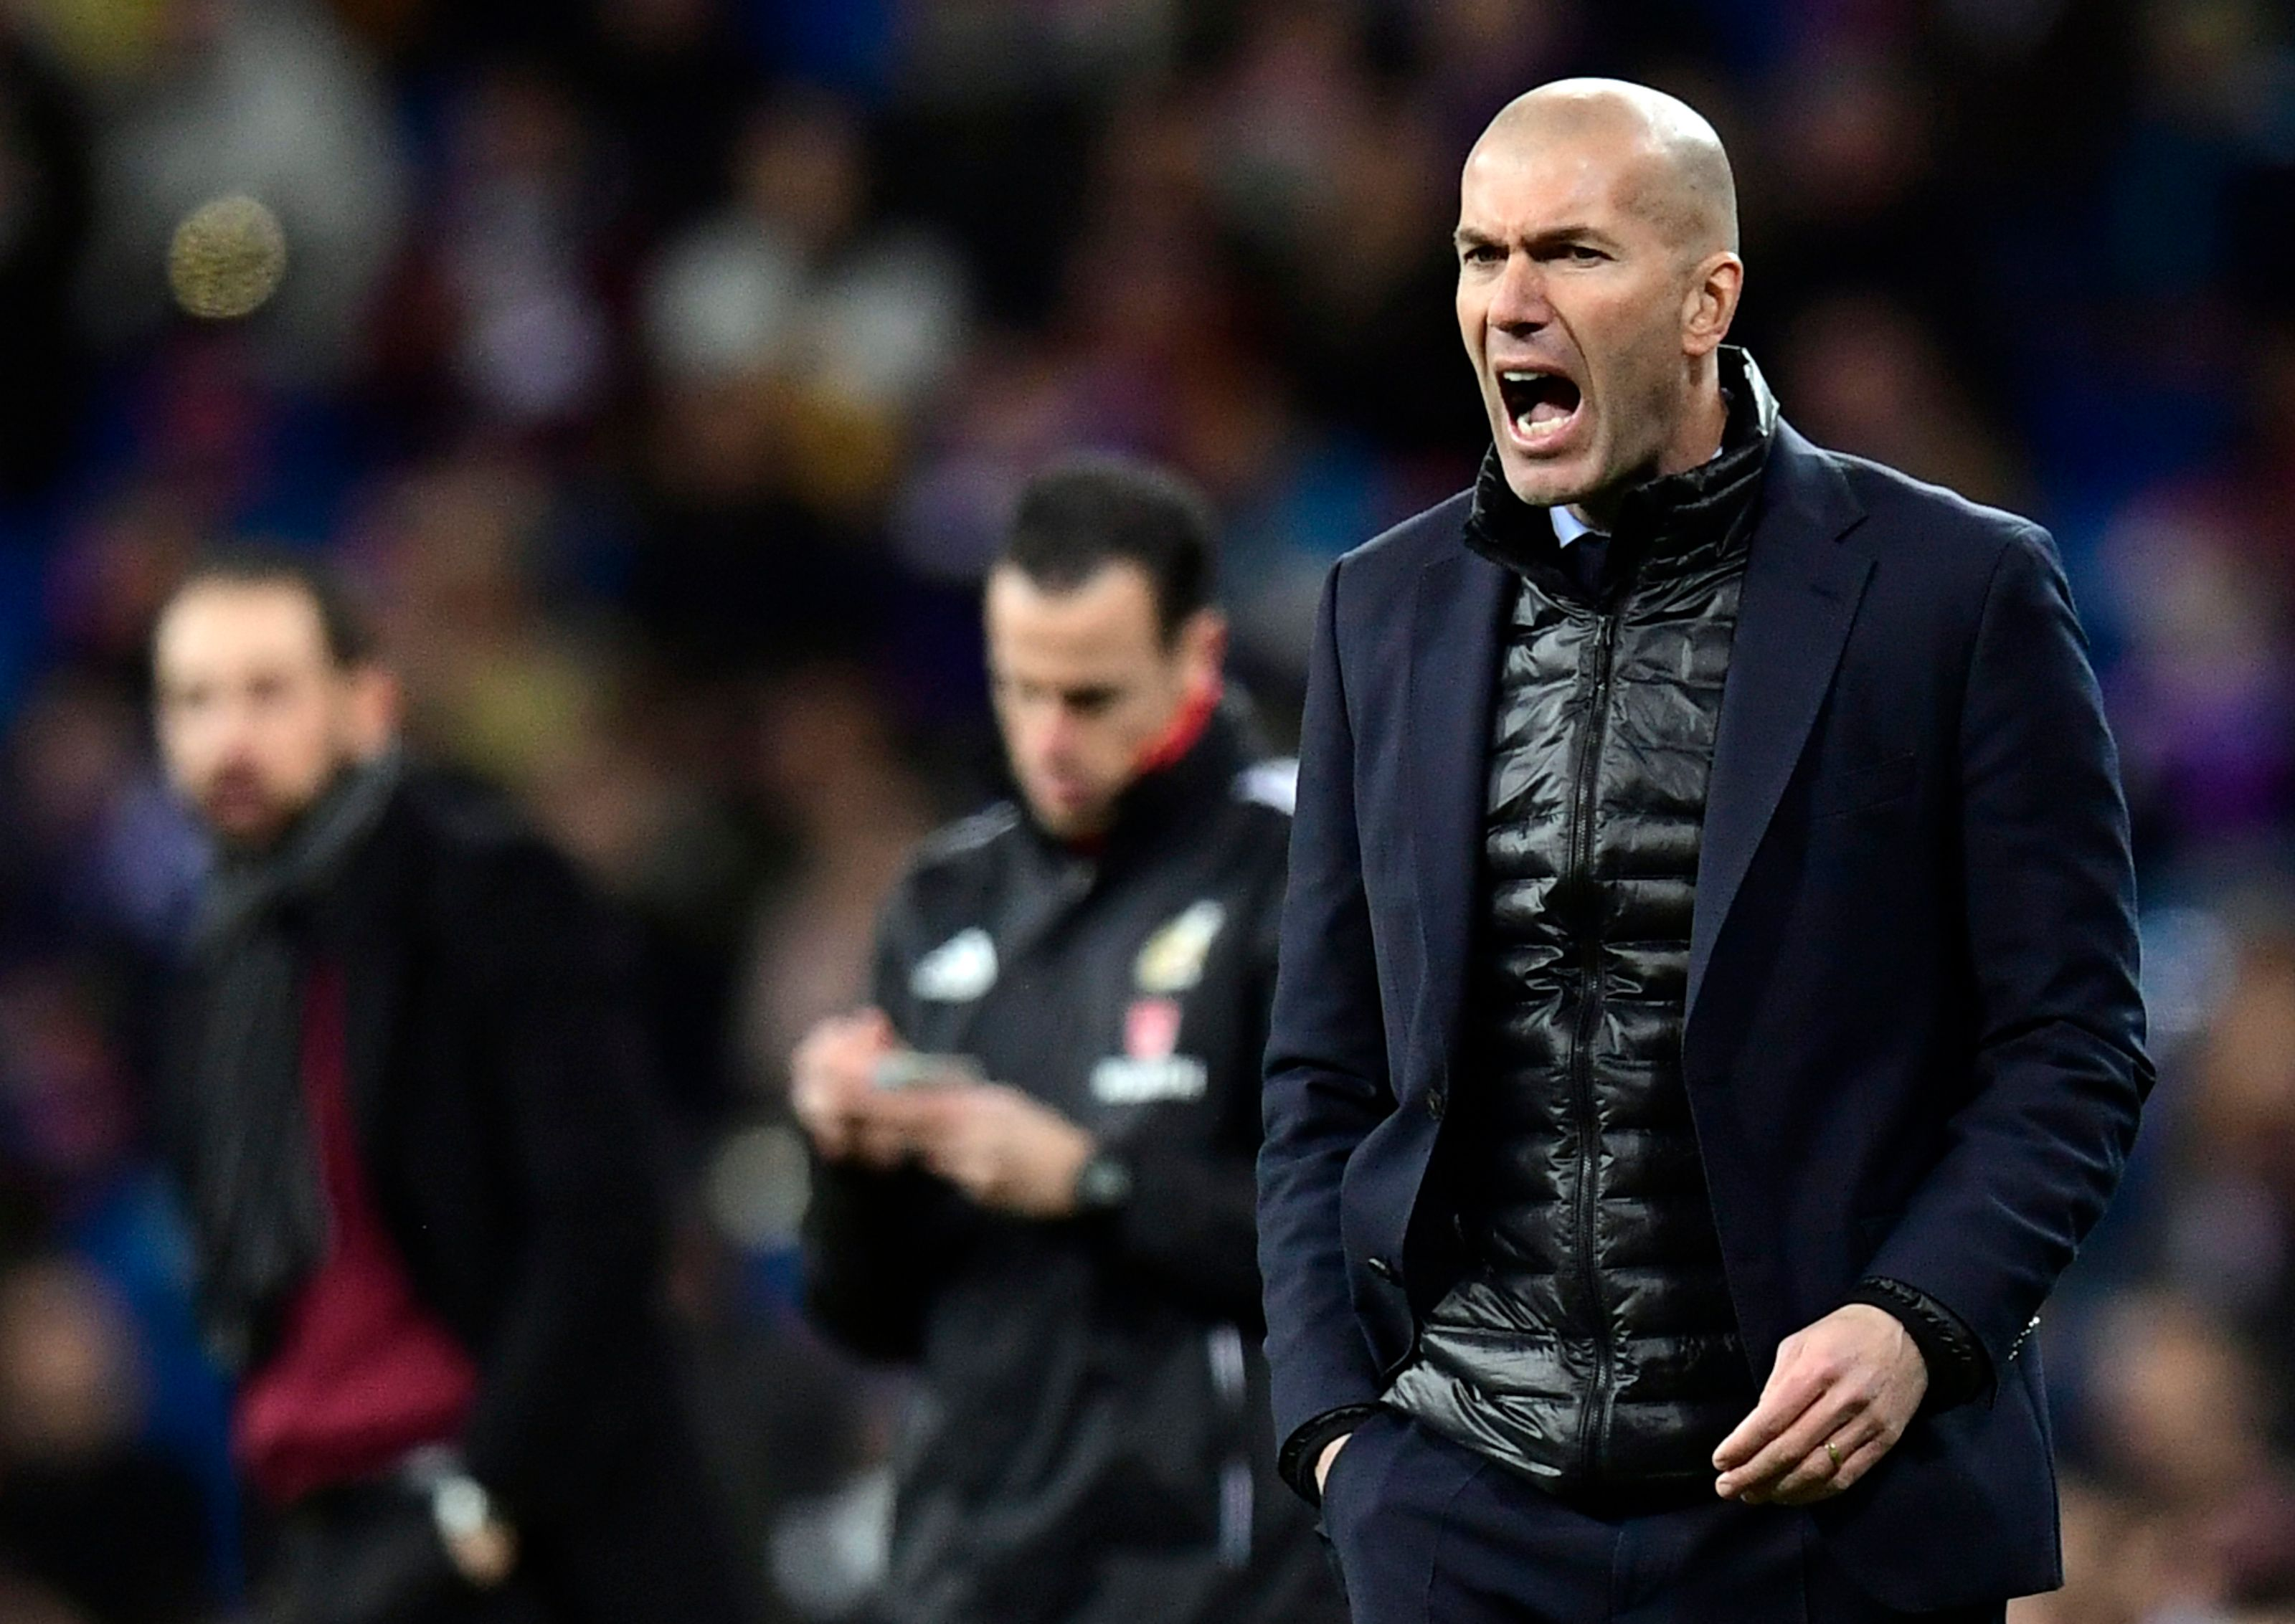 A la fin de sa carrière de joueur, Zidane n'avait «pas du tout envie d'être entraîneur»